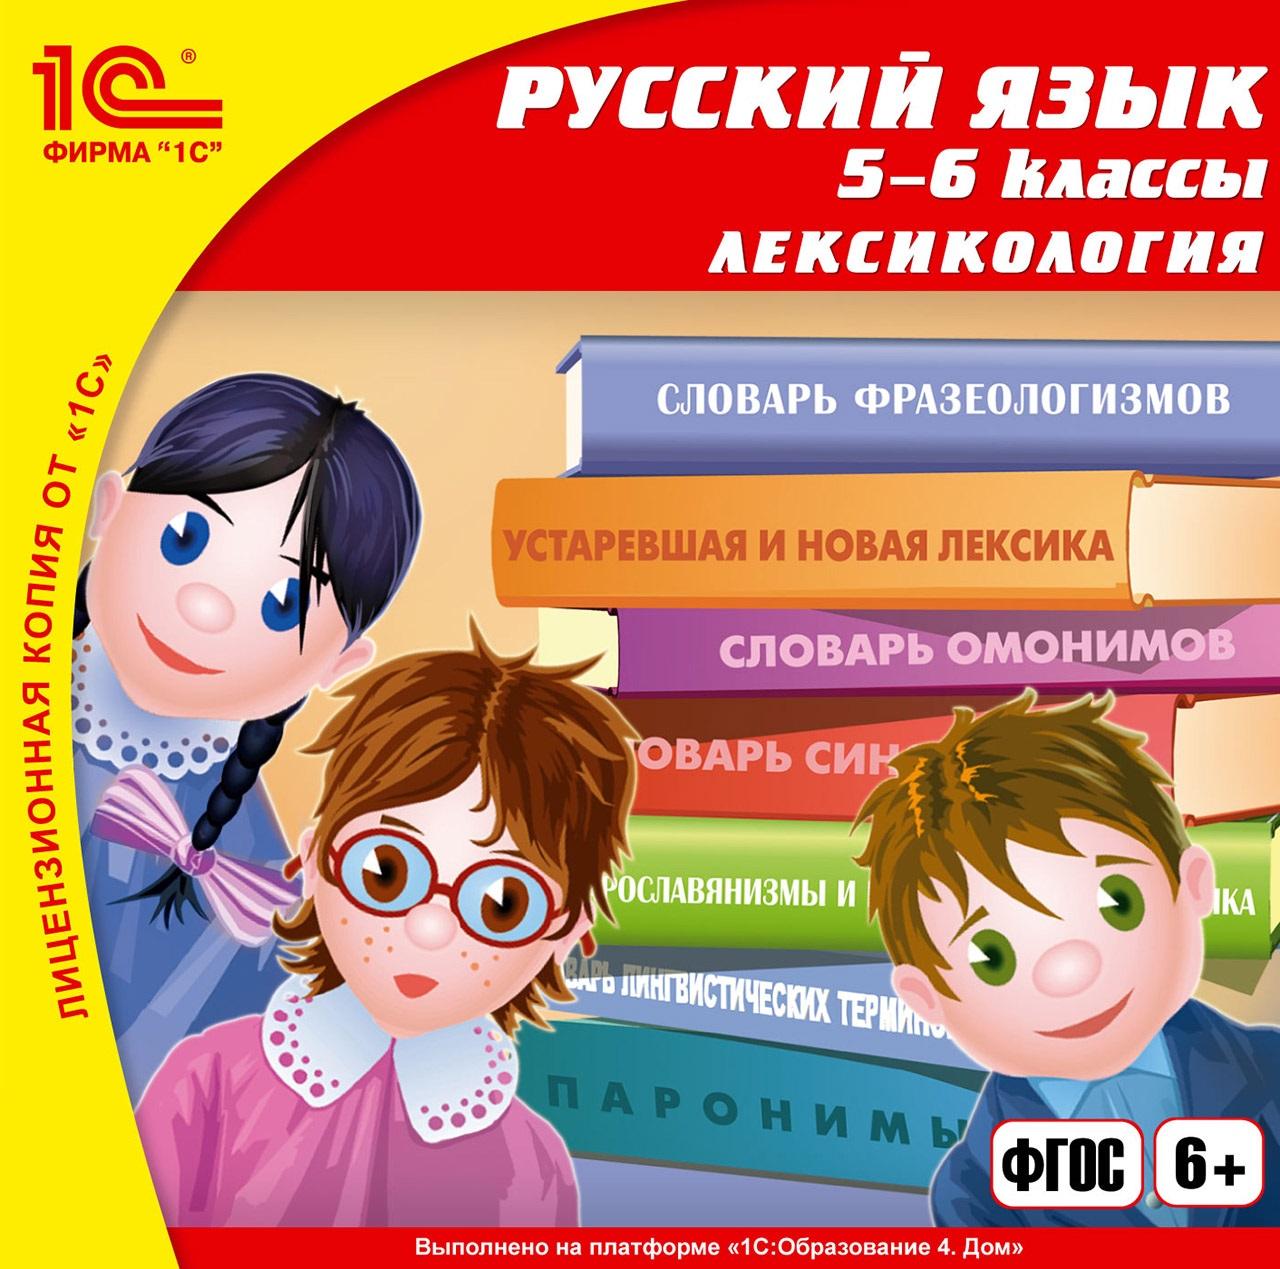 Русский язык. 5-6 класс. Лексикология русский язык 5 класс